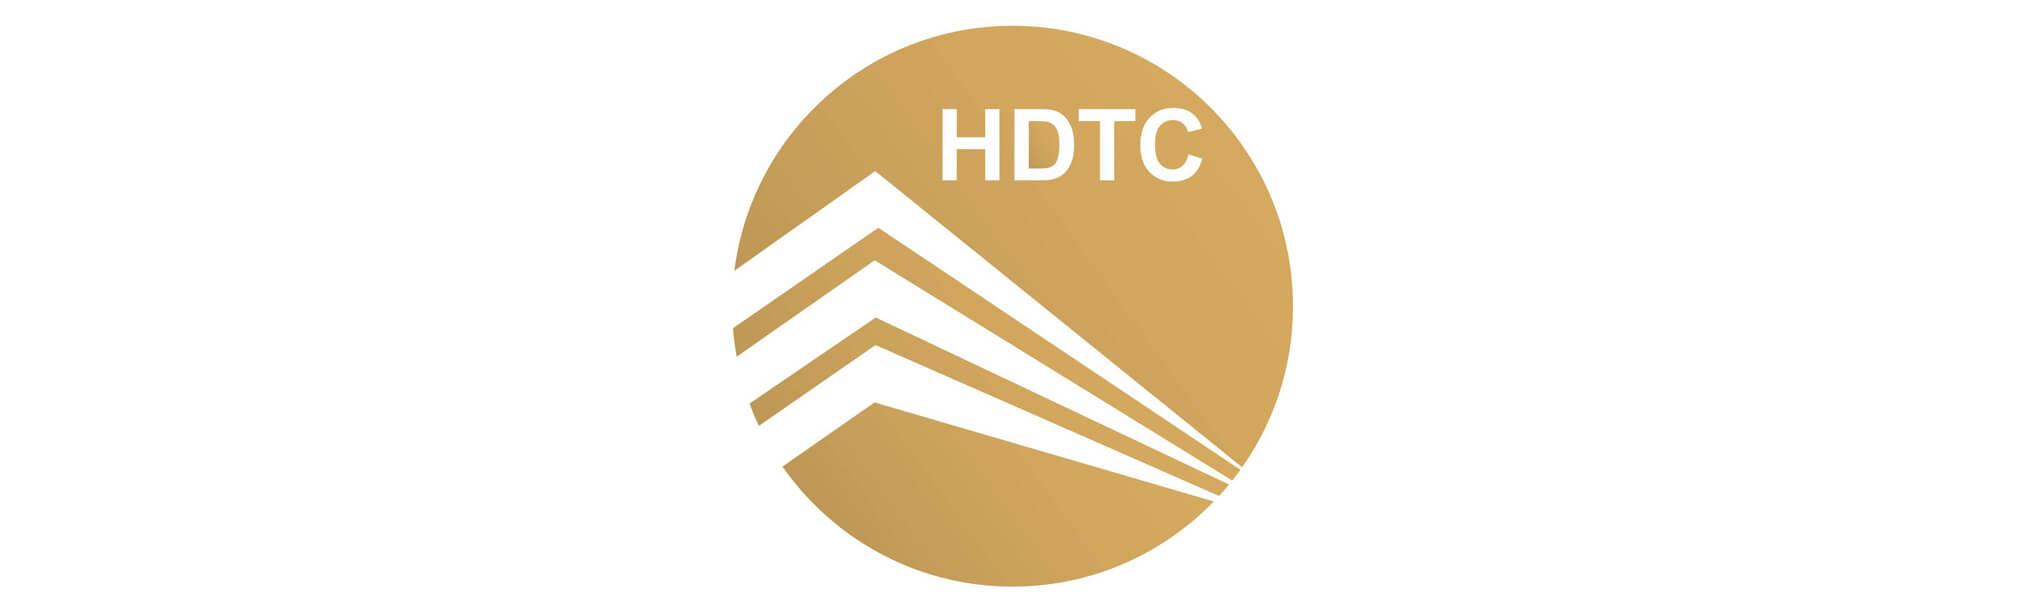 Chu dau tu HDTC